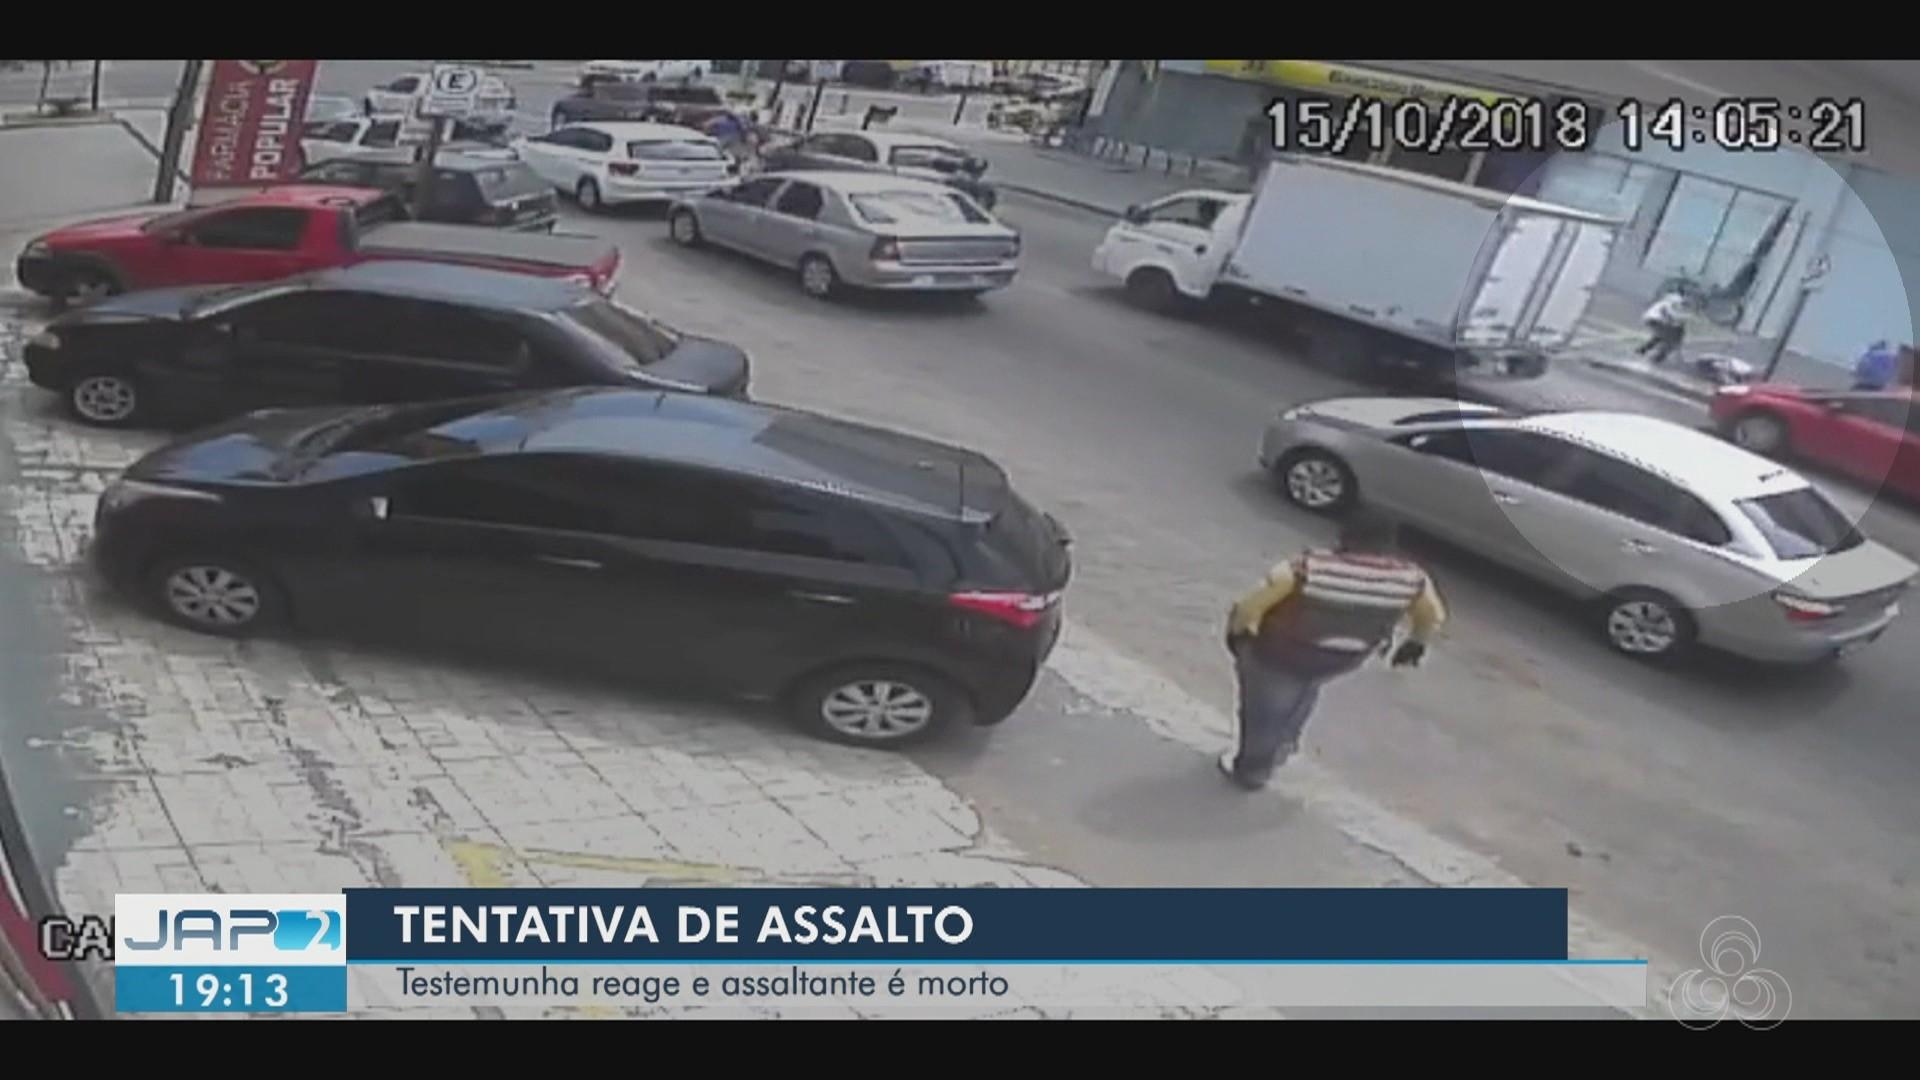 Vídeo mostra homem armado atrás de bandido após tentativa de roubo em Macapá - Radio Evangelho Gospel